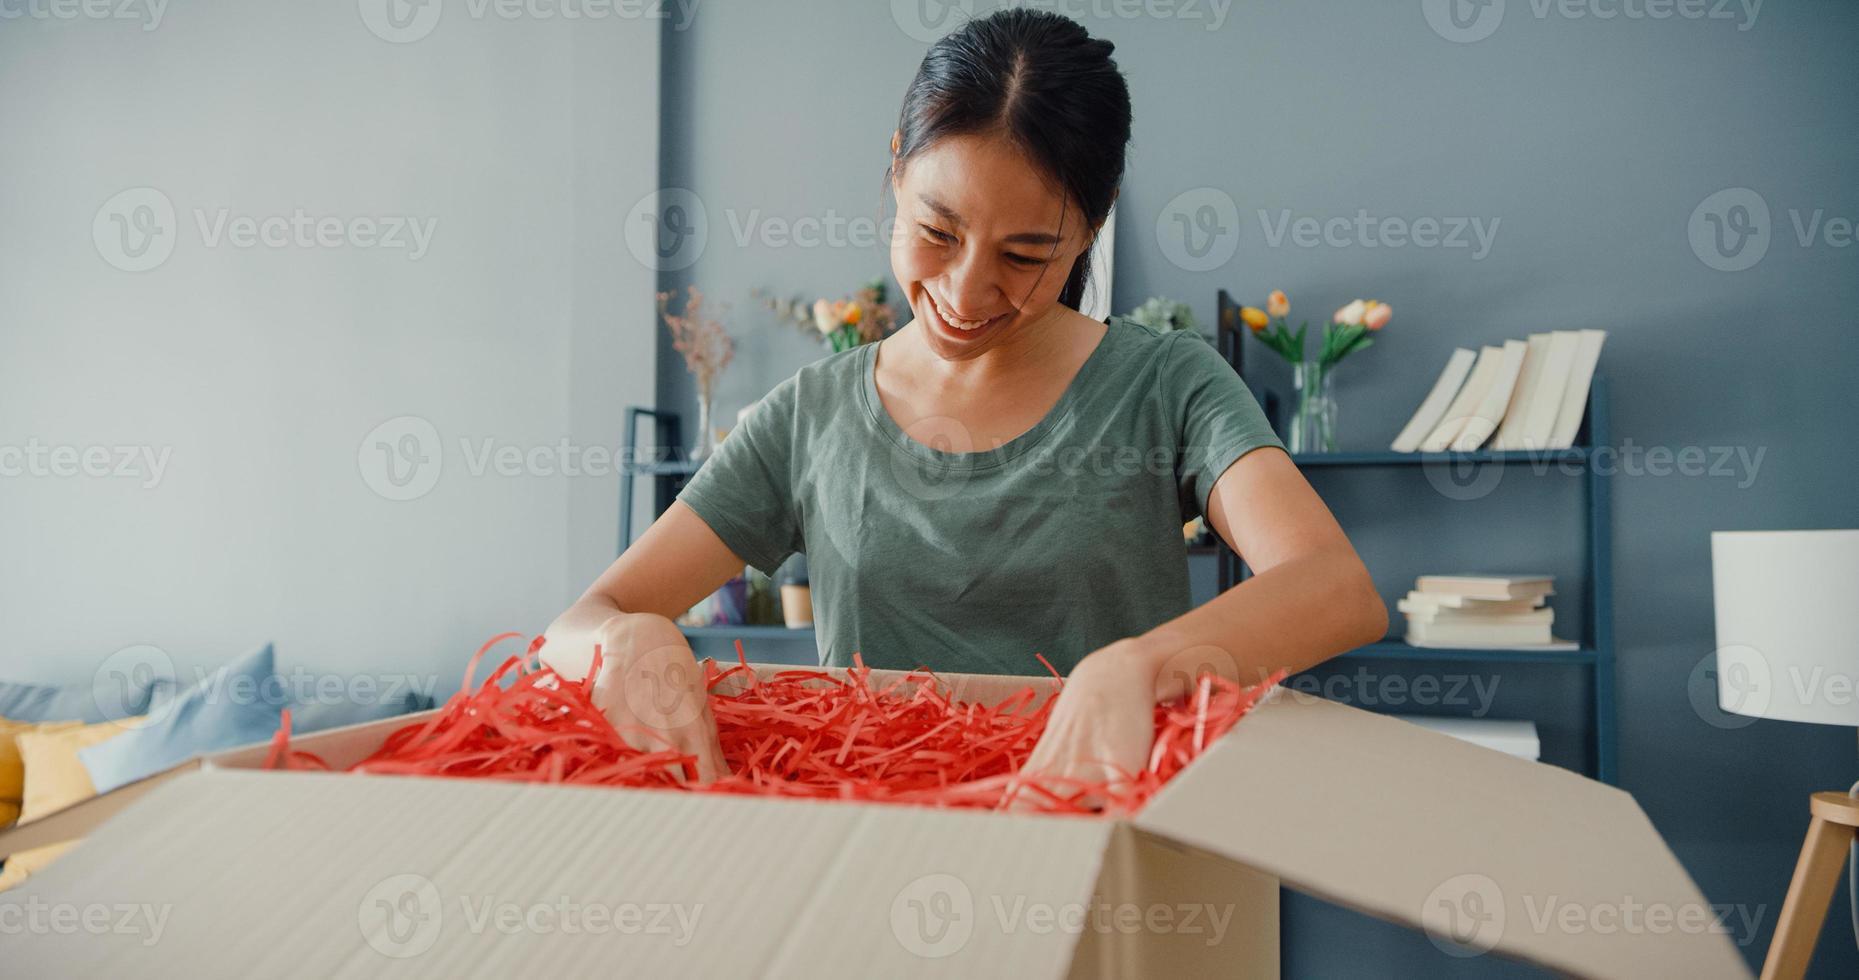 felice bella signora asiatica unboxing cartone consegna pacchetto dal mercato online nel soggiorno di casa. acquirente soddisfatto in unboxing di merci su Internet, shopping online e concetto di consegna. foto